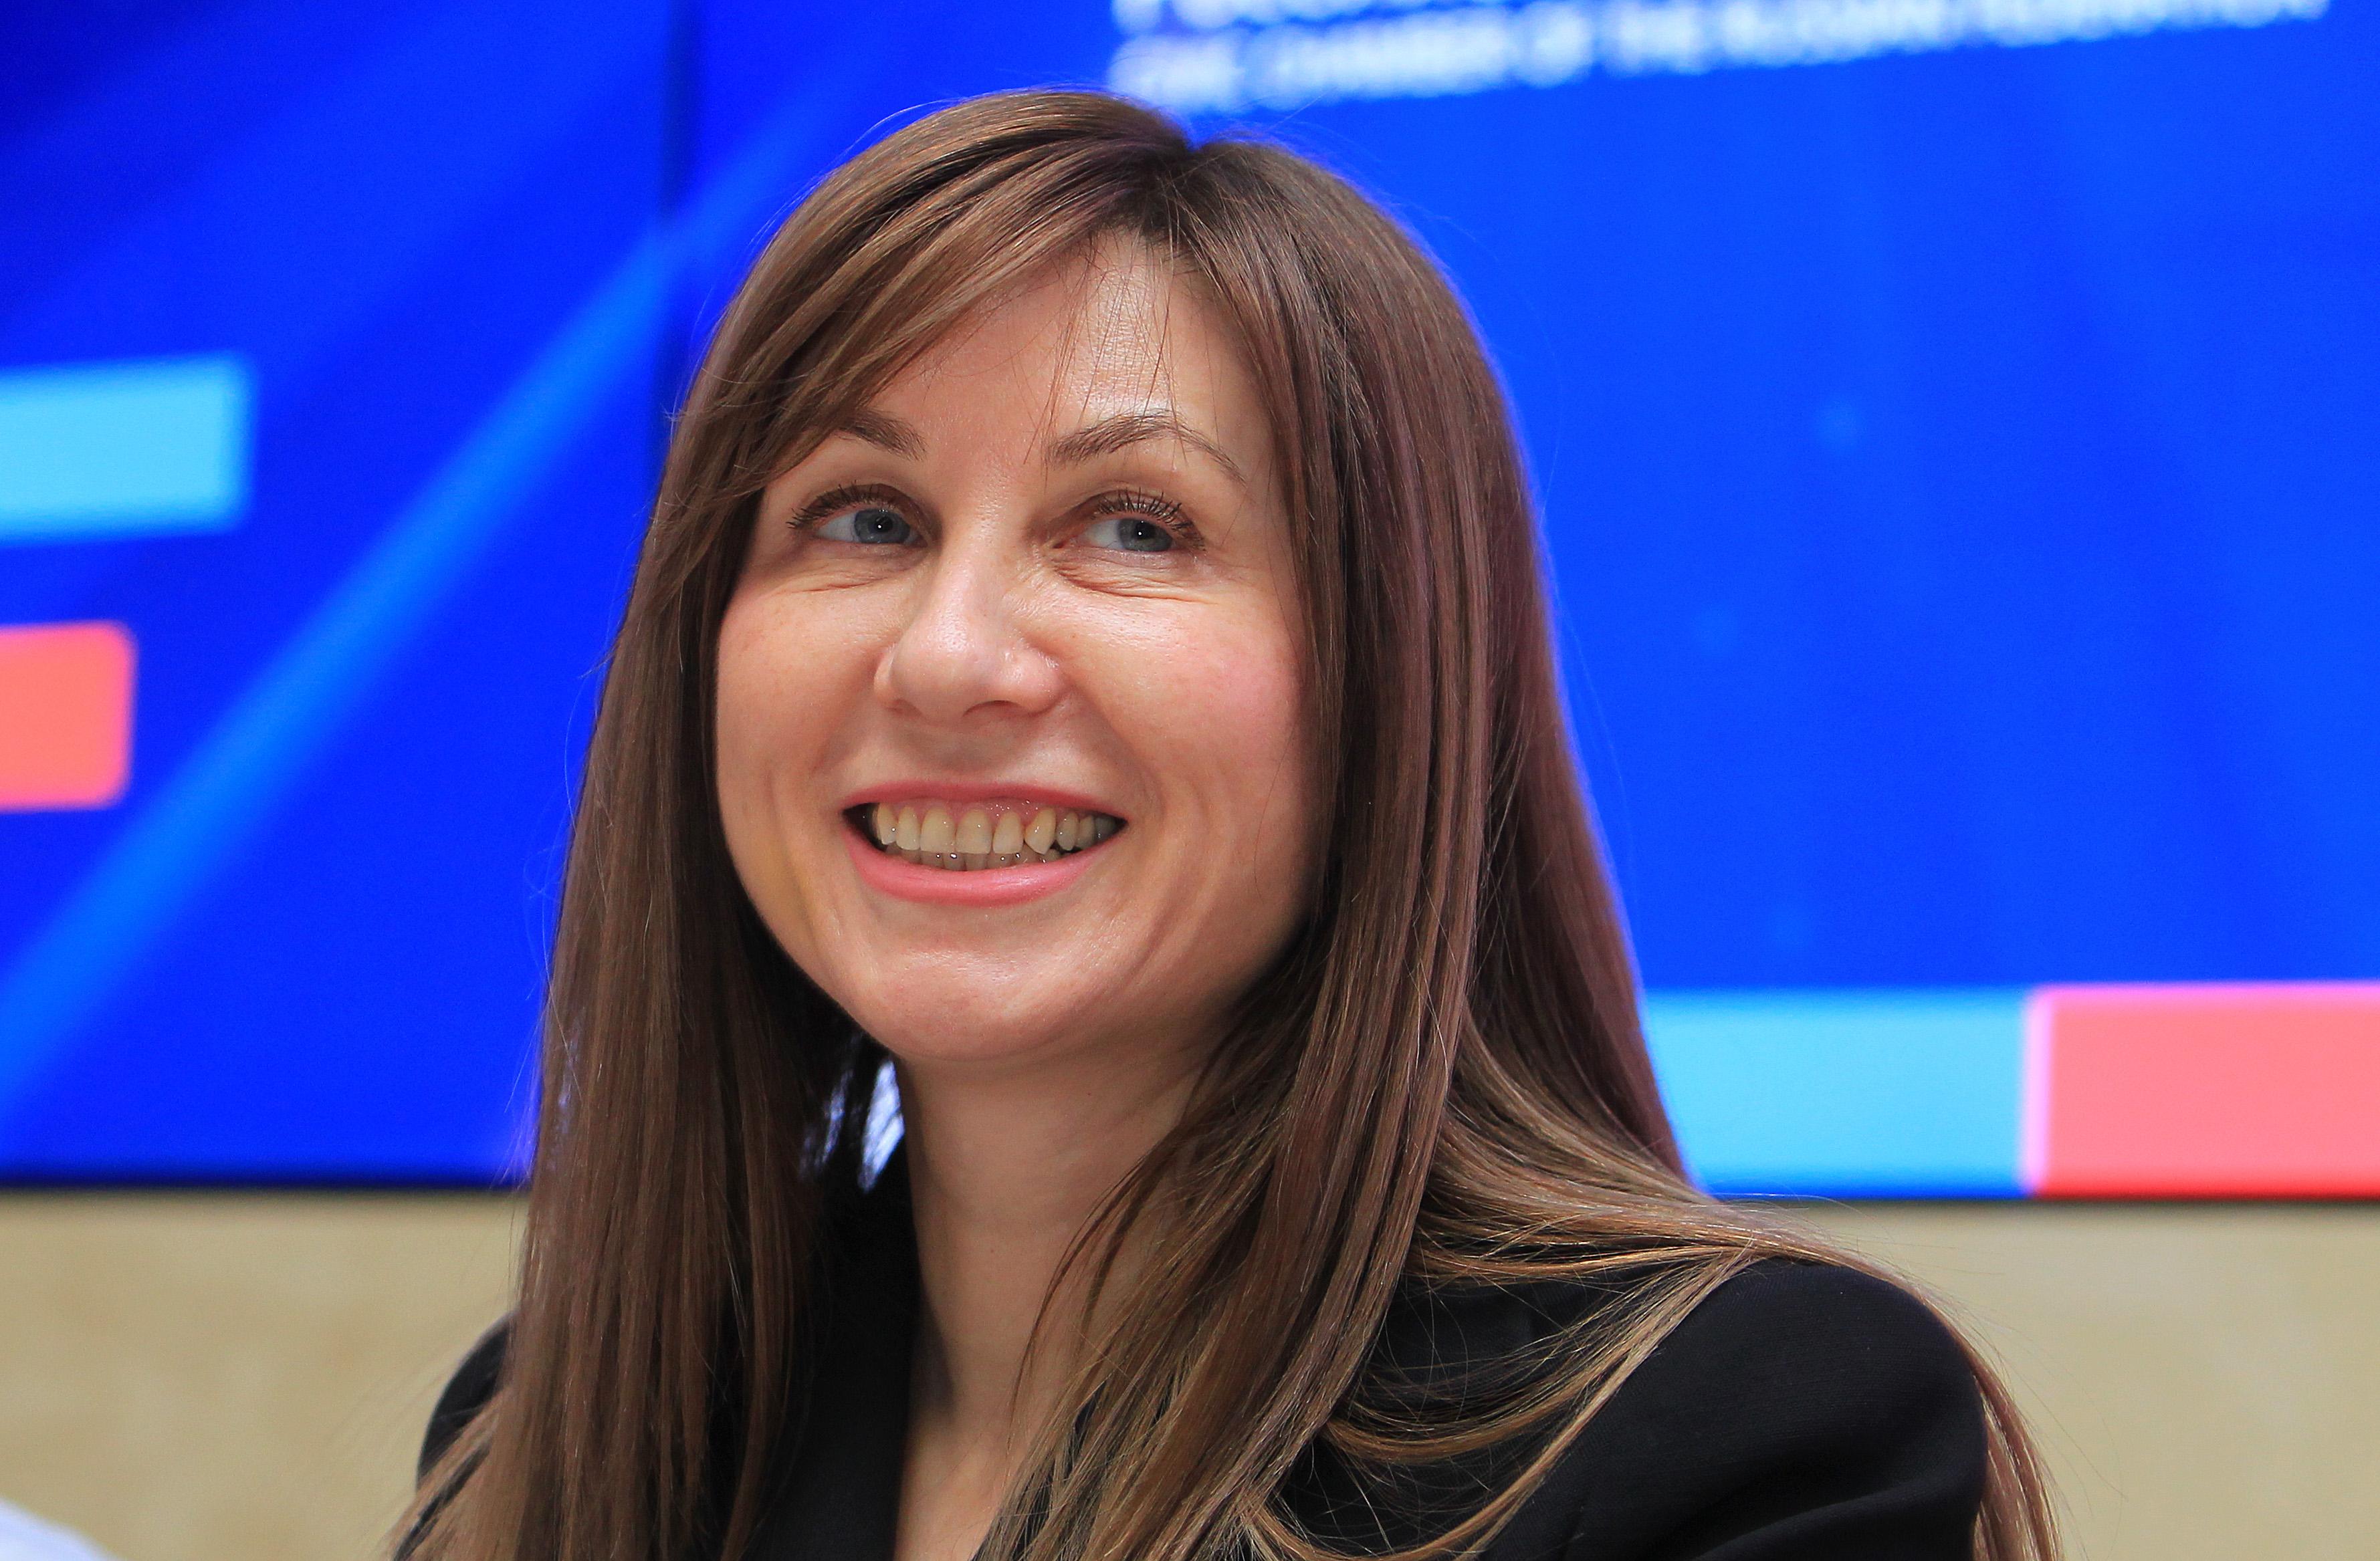 Депутат МГД Лариса Картавцева рассказала, как проходит тестирование на COVID-19